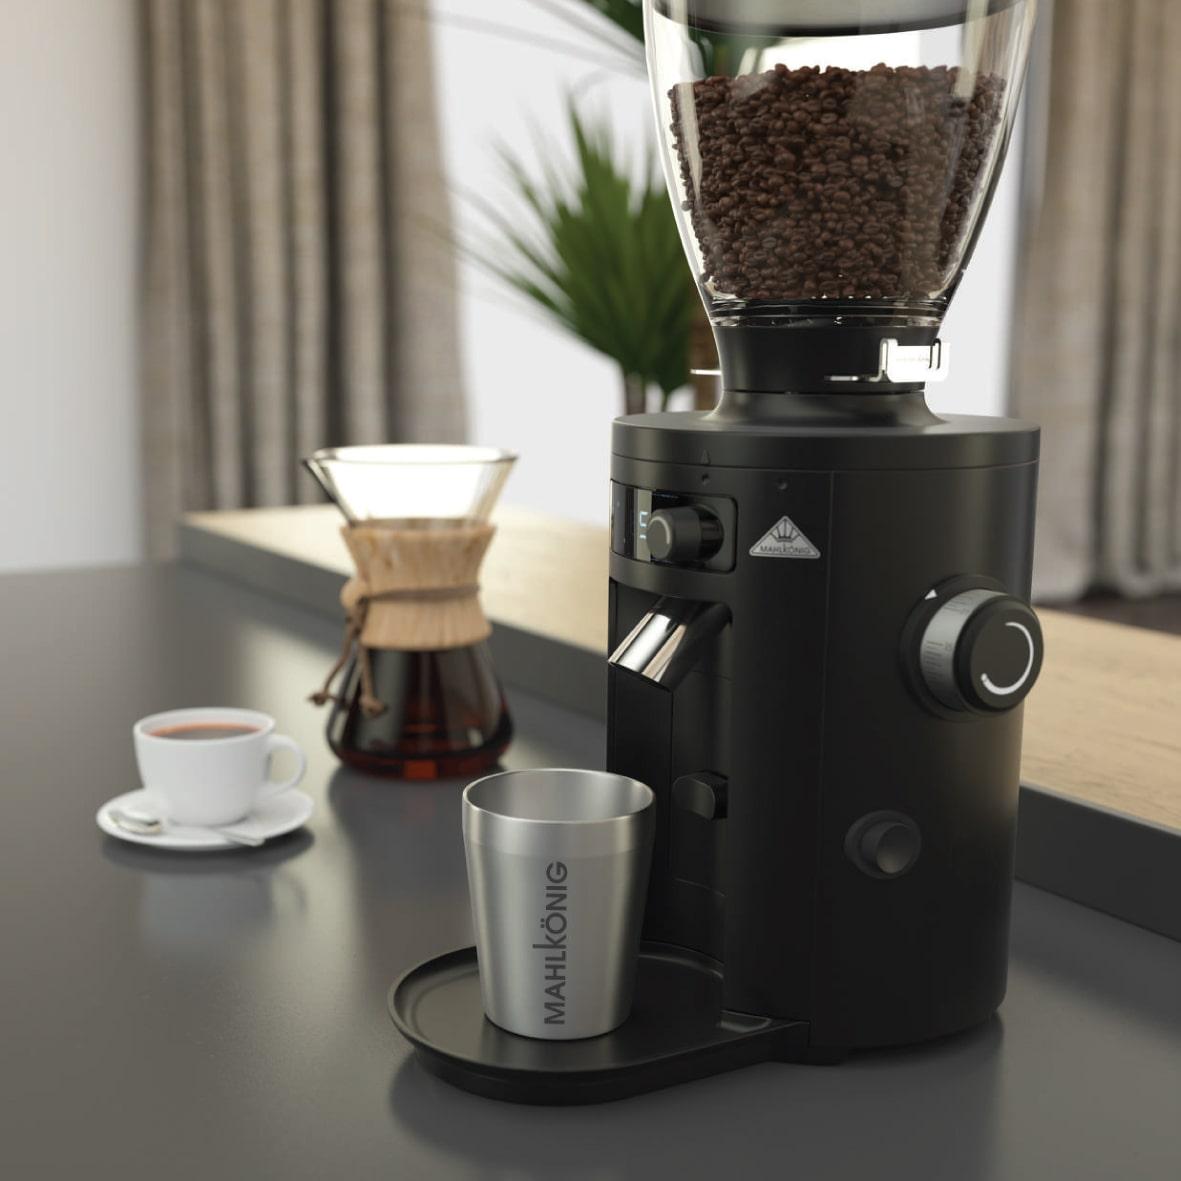 W młynkach do kawy każdym gram kawy jest ważny  Mahlkönig X54